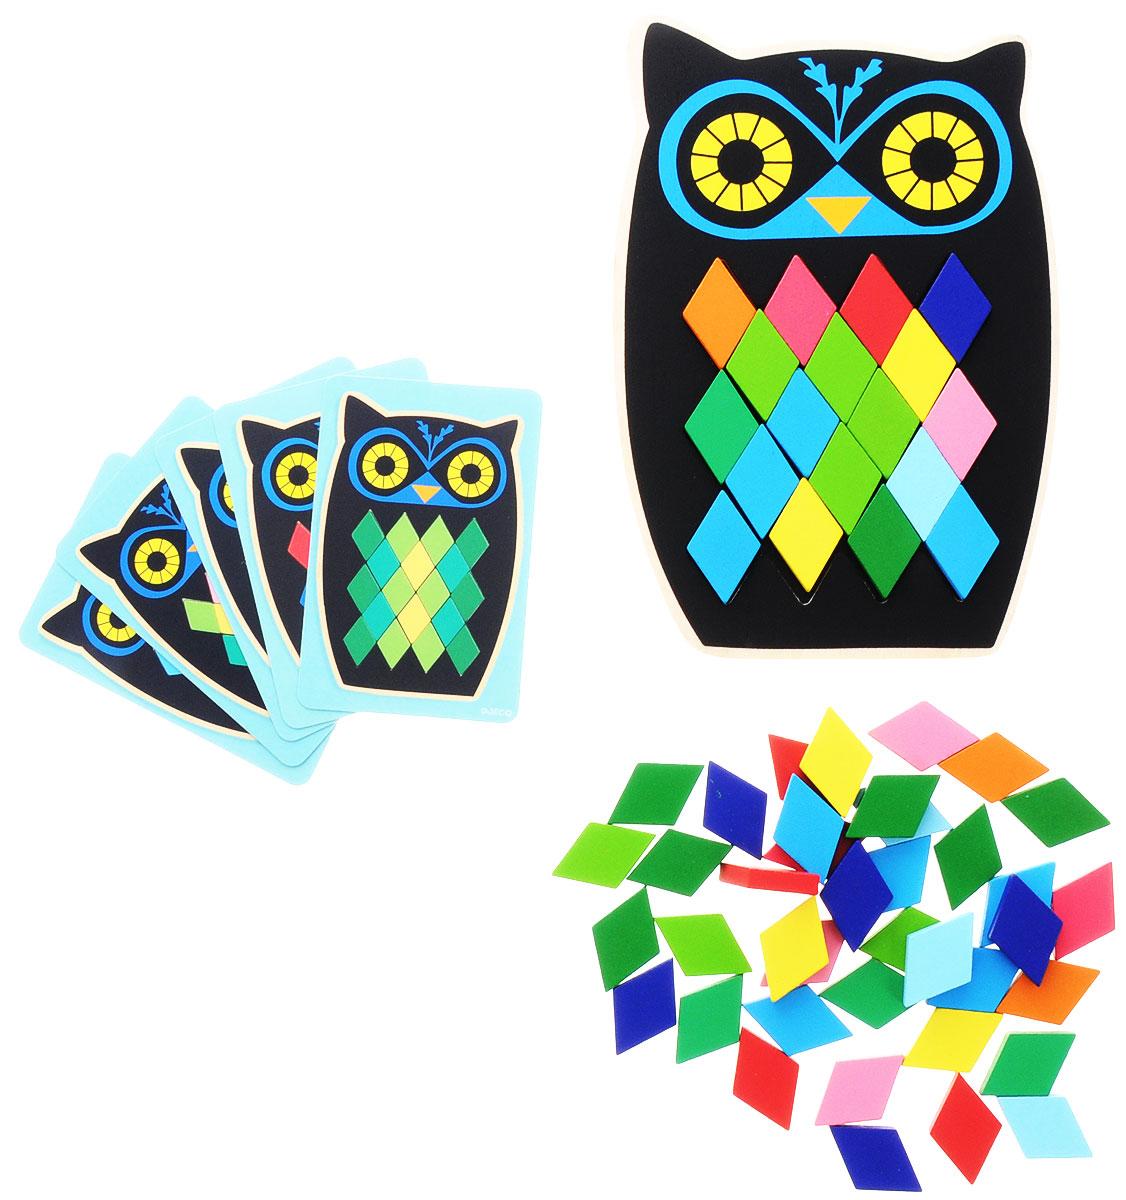 """Мозаика Djeco """"Сова"""" станет увлекательной развивающей игрушкой для каждого малыша. В комплекте ребенок найдет основу в виде деревянной совы с пустым пространством в центре, а также множество разноцветных ромбиков, которыми он должен заполнить совенка согласно карточкам с заданиями. Ребенок может следовать инструкциям и примерам с заданиями или же заполнить сову так, как ему подскажет фантазия. Игра прекрасно развивает фантазию и воображение ребенка, детскую моторику, логическое мышление и сообразительность. Набор изготовлен из безопасных высококачественных материалов."""